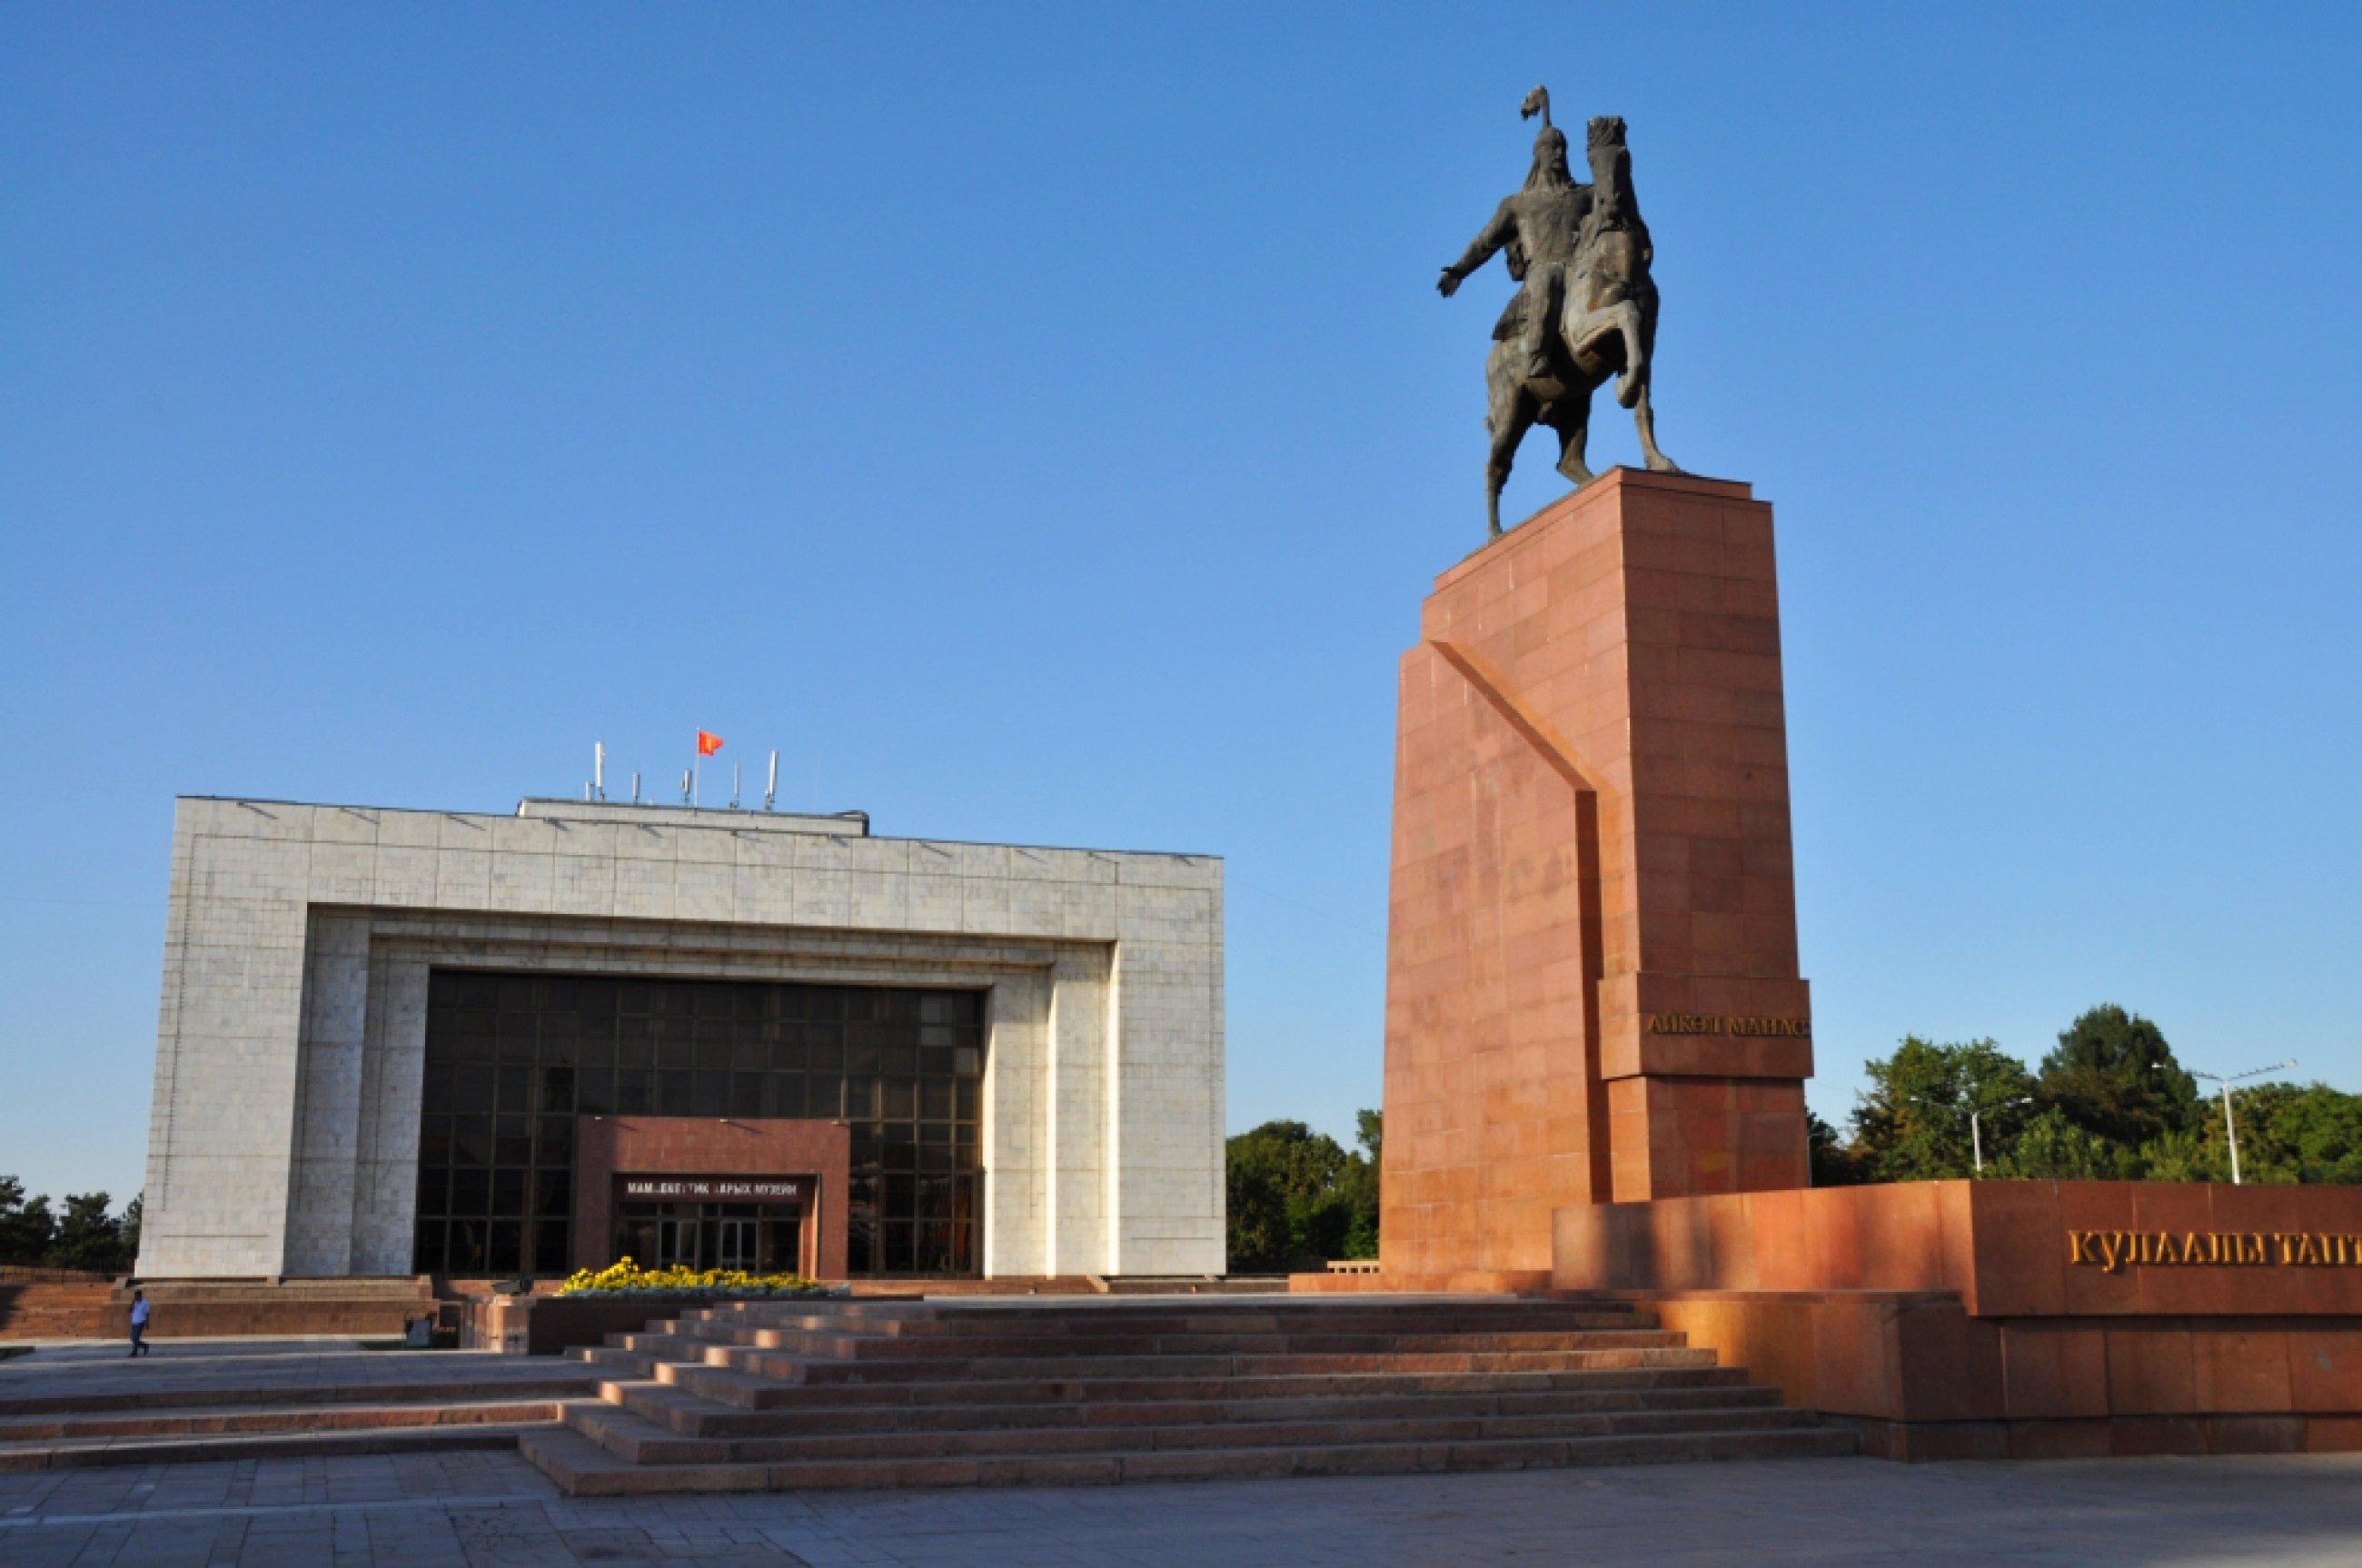 https://bubo.sk/uploads/galleries/7500/kirgizstan-05.jpg